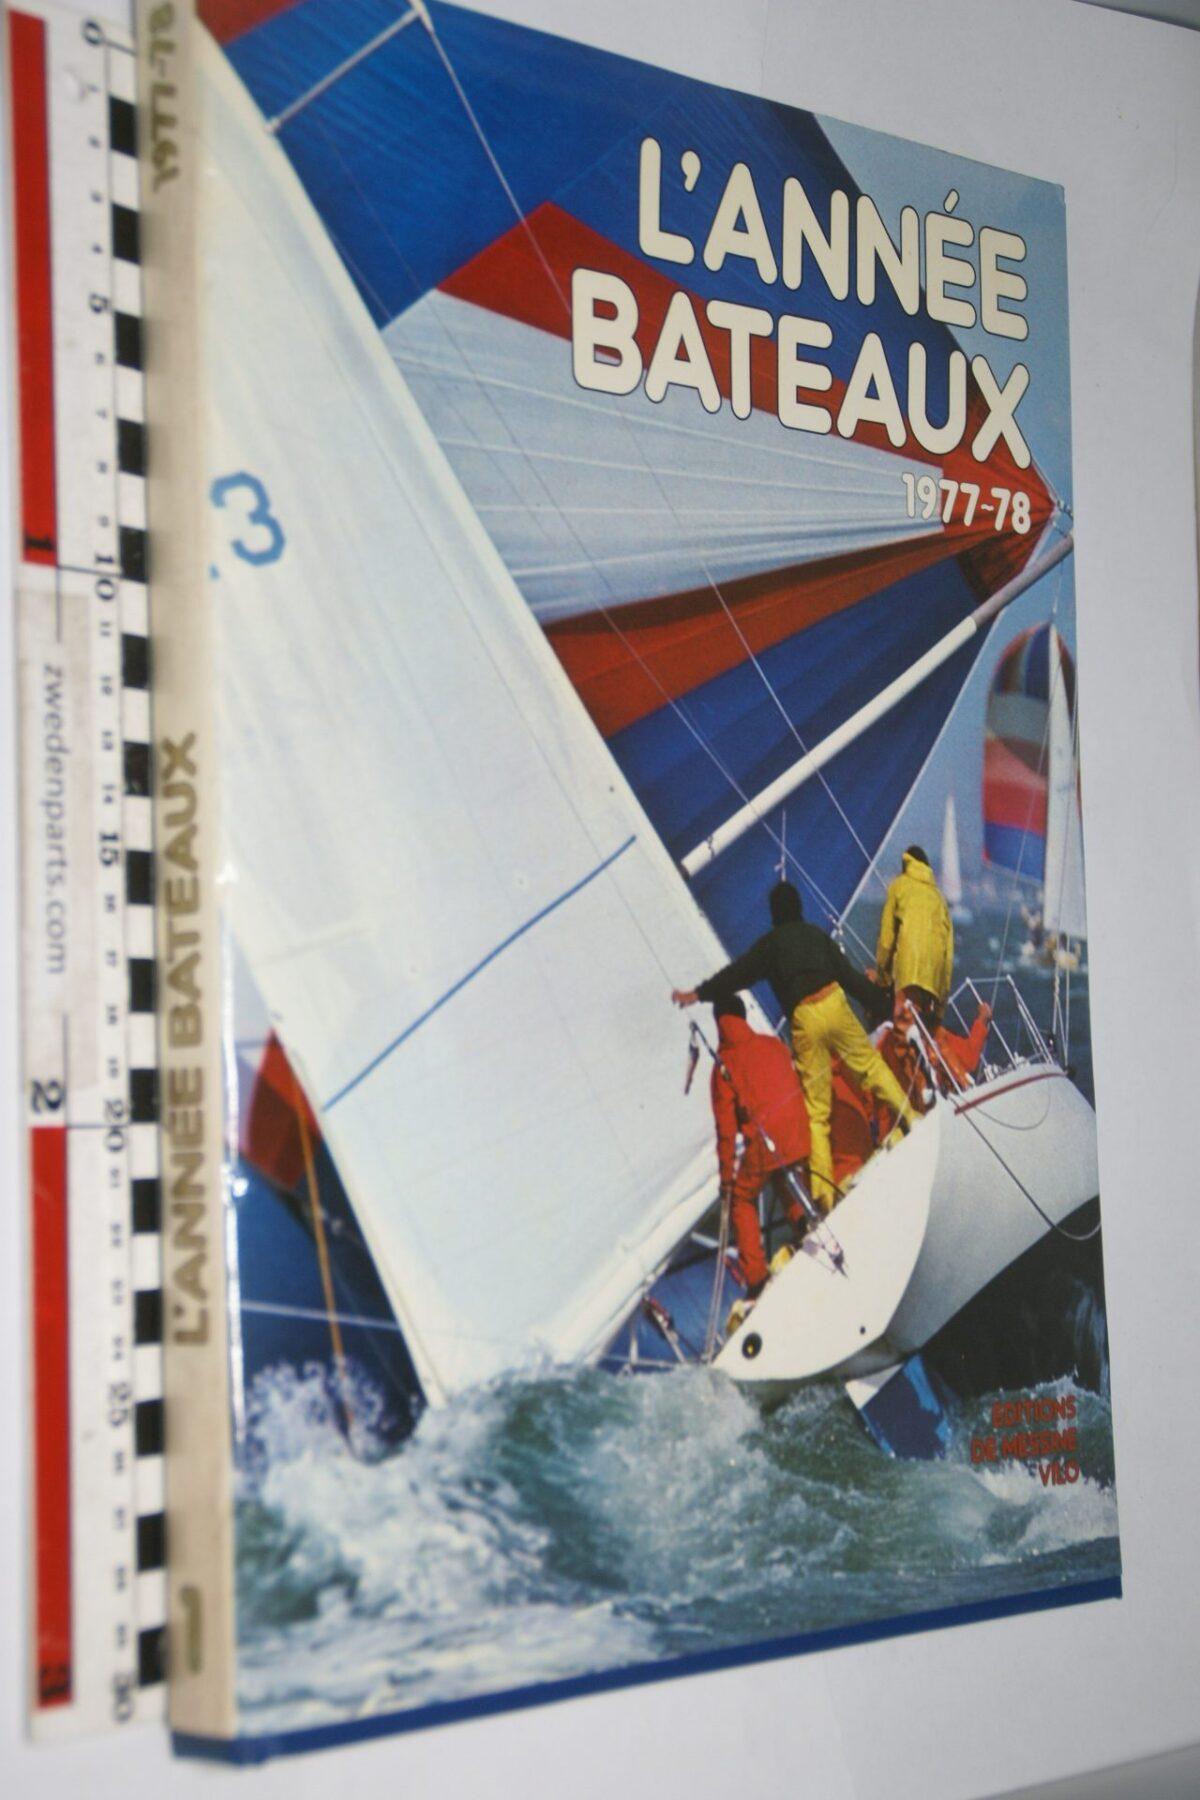 DSC06955 1977-78 boek l'Année Bateaux ISBN 2719100455